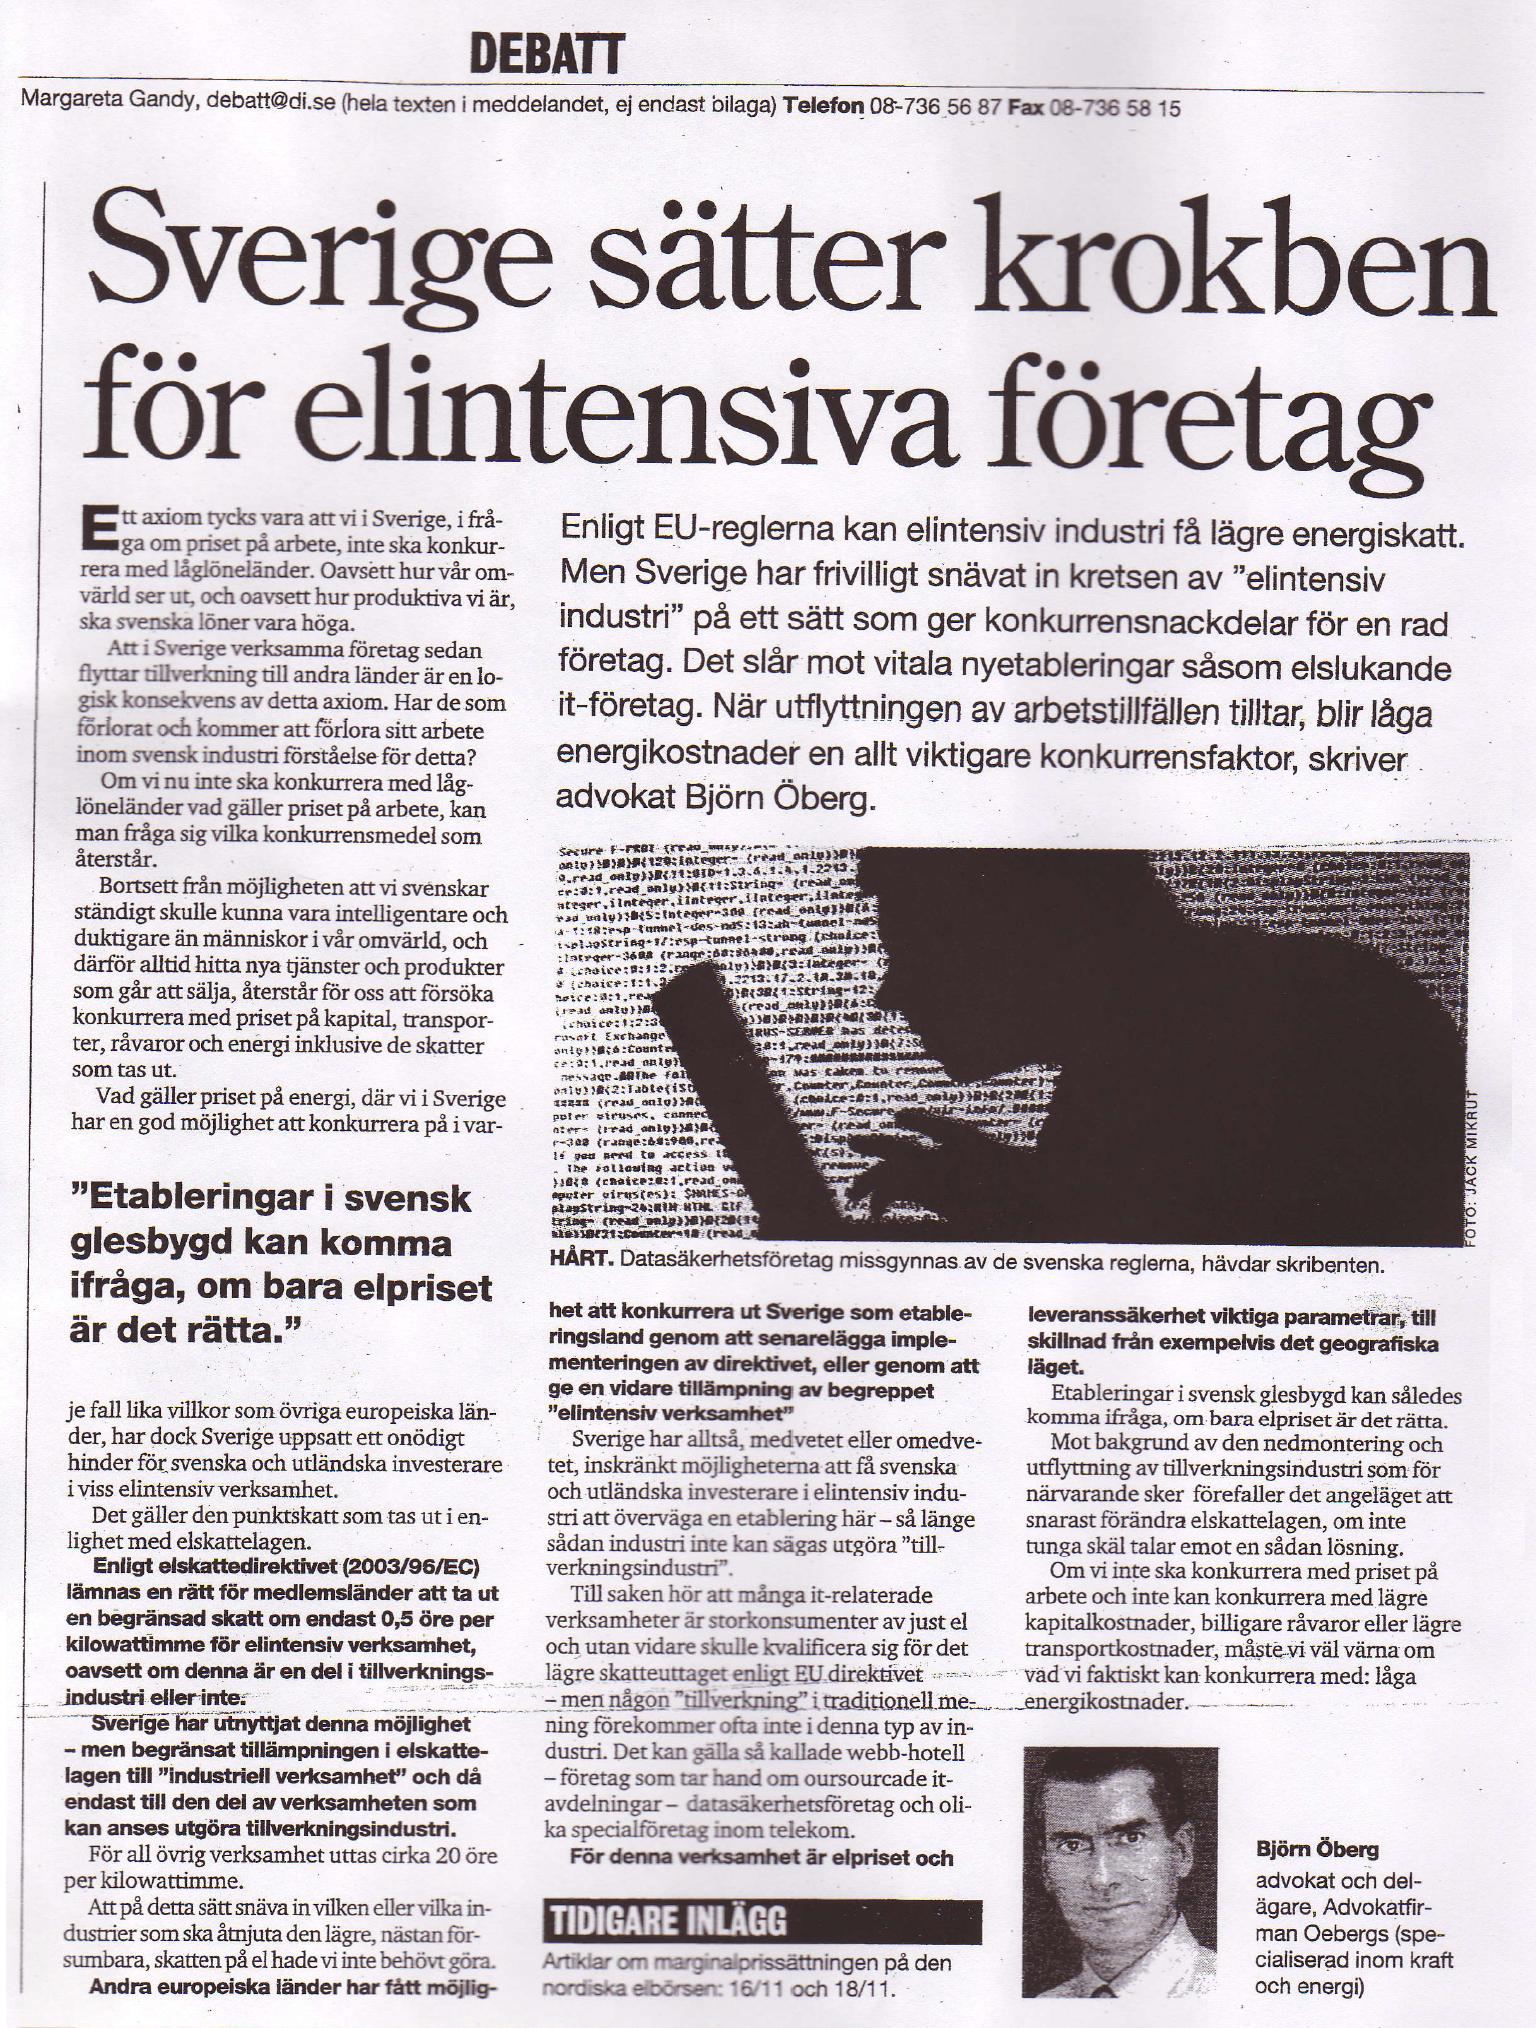 Sverige sätter krokben för elintensiva företag.png